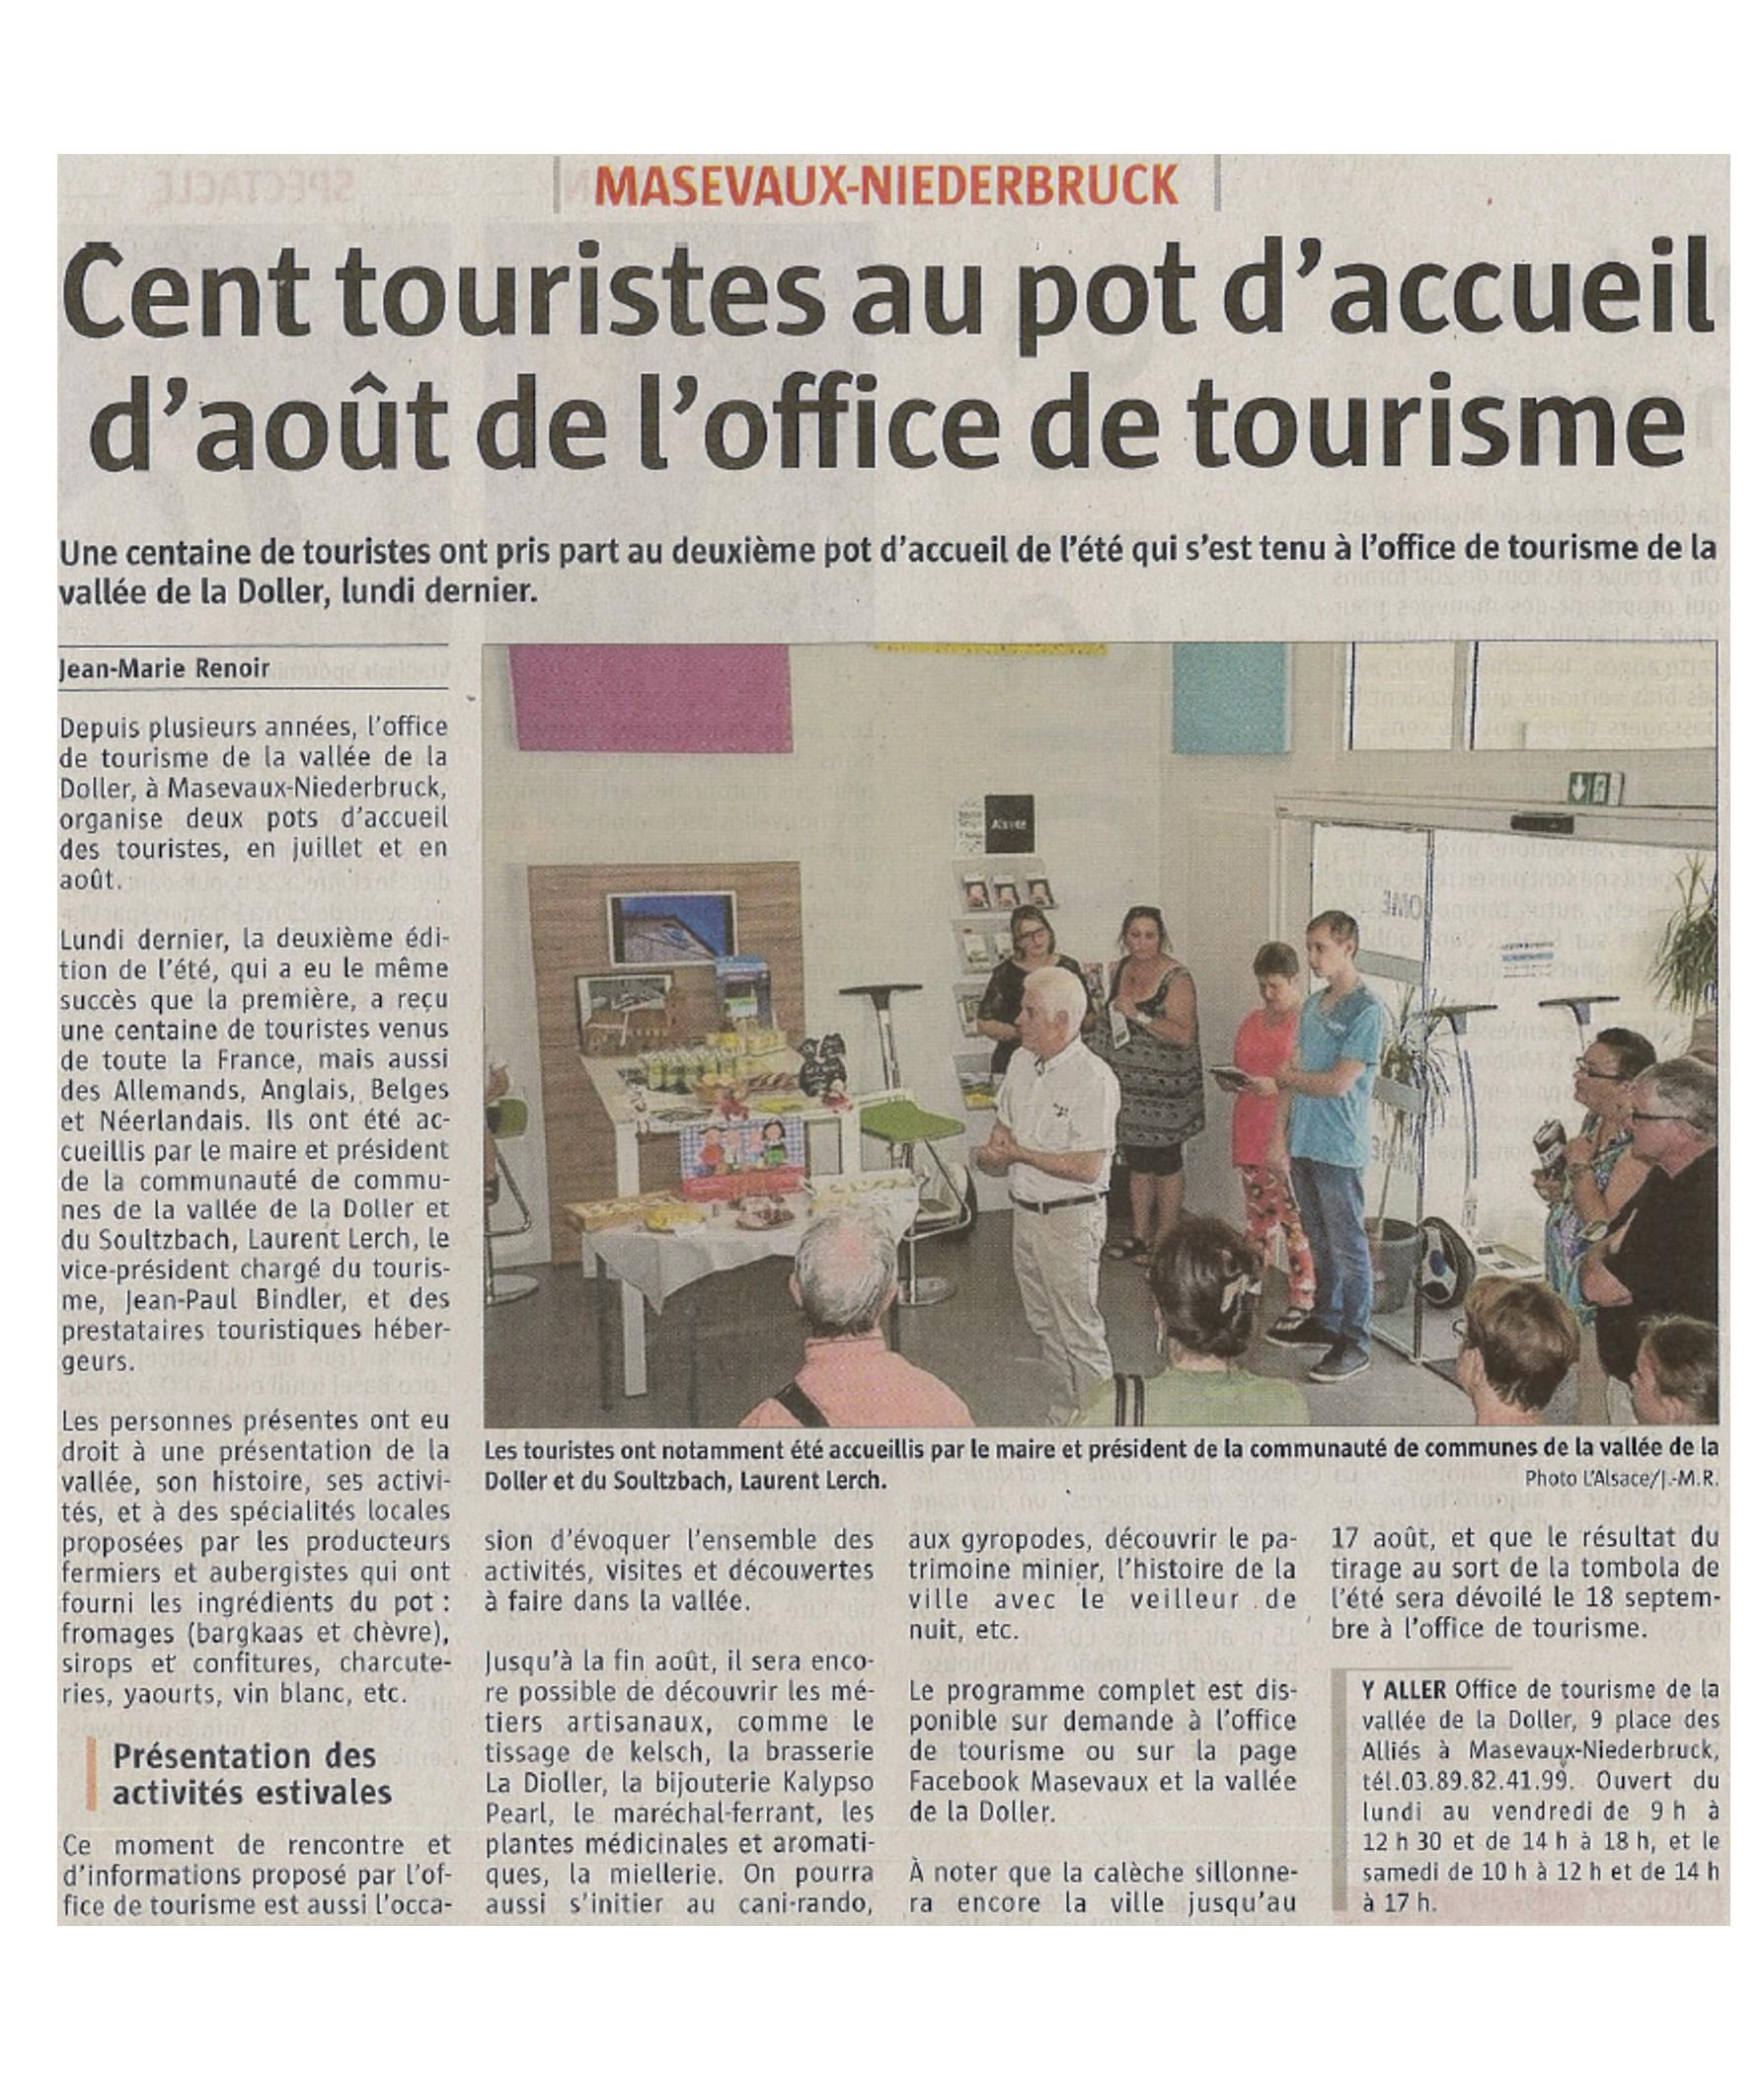 Cent touristes au pot d'accueil - L'Alsace - 11-08-2017